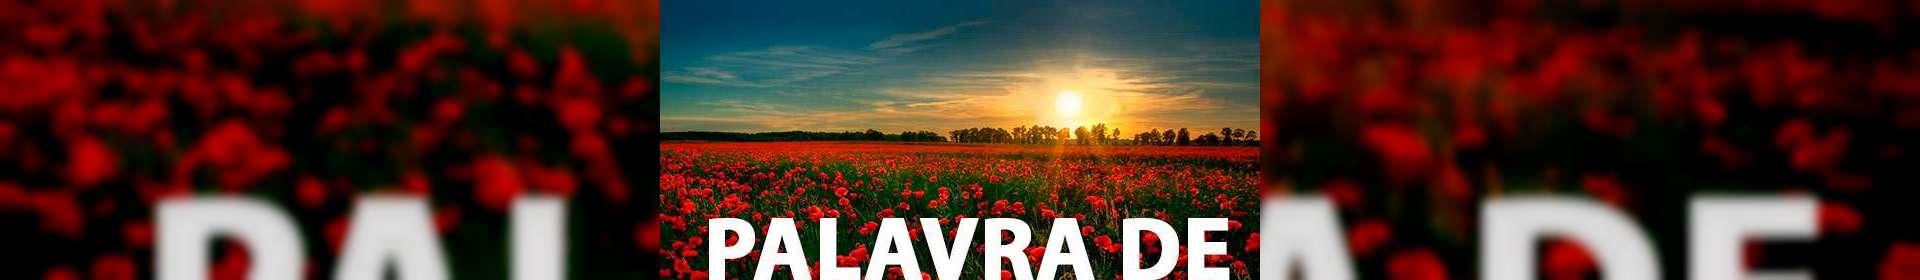 Salmos 55:17 - Uma Palavra de Esperança para sua vida